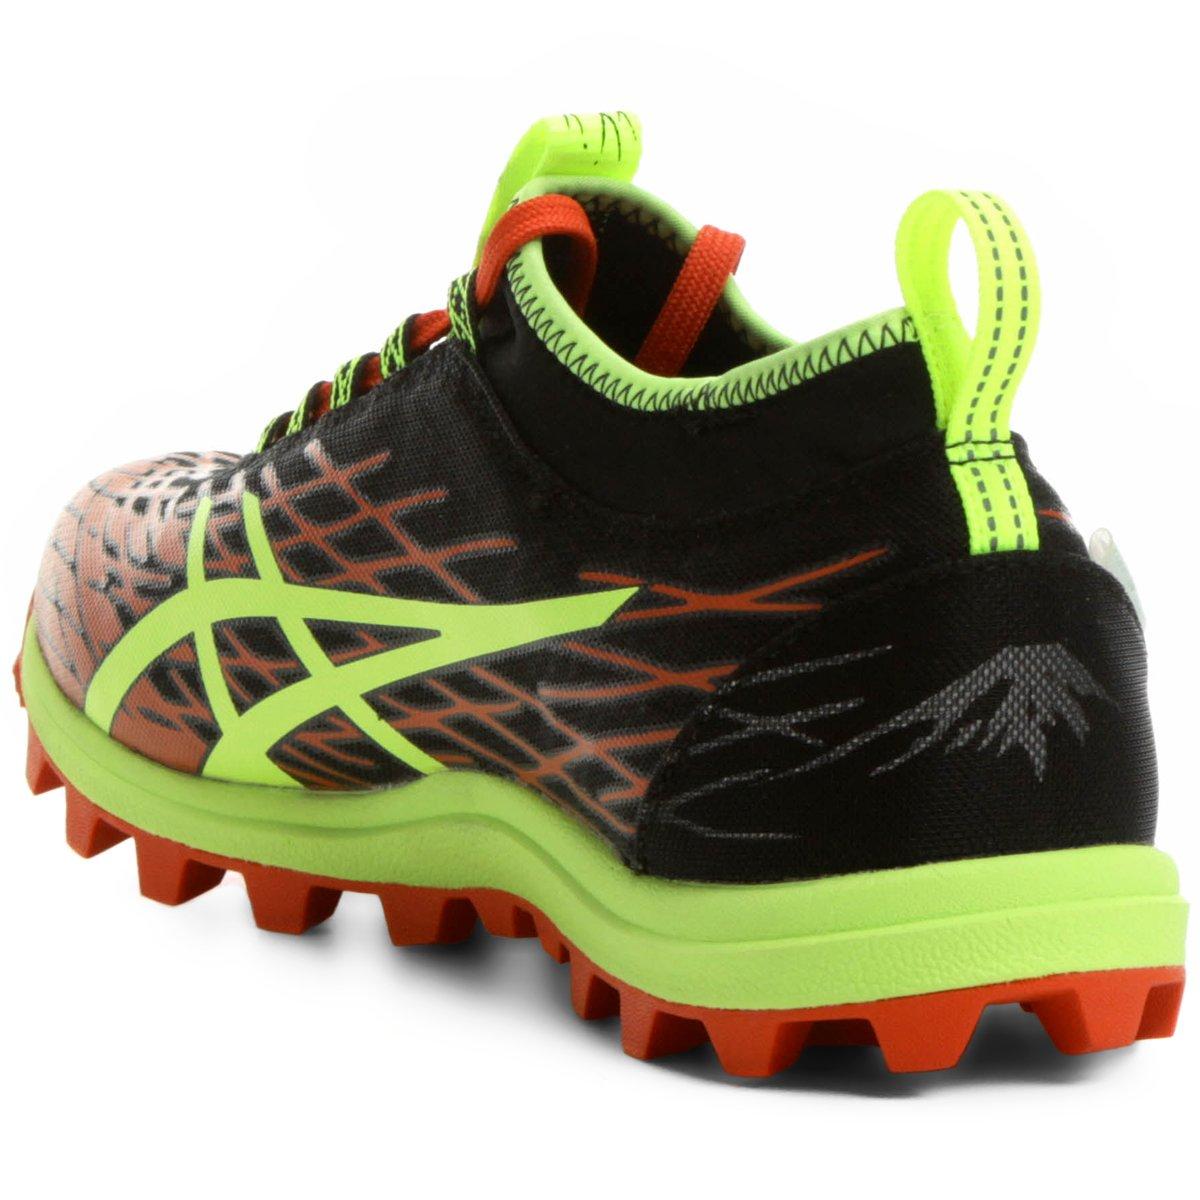 Tênis Asics Gel Fuji Runnegade 2 - Compre Agora  070d7c2773a3c